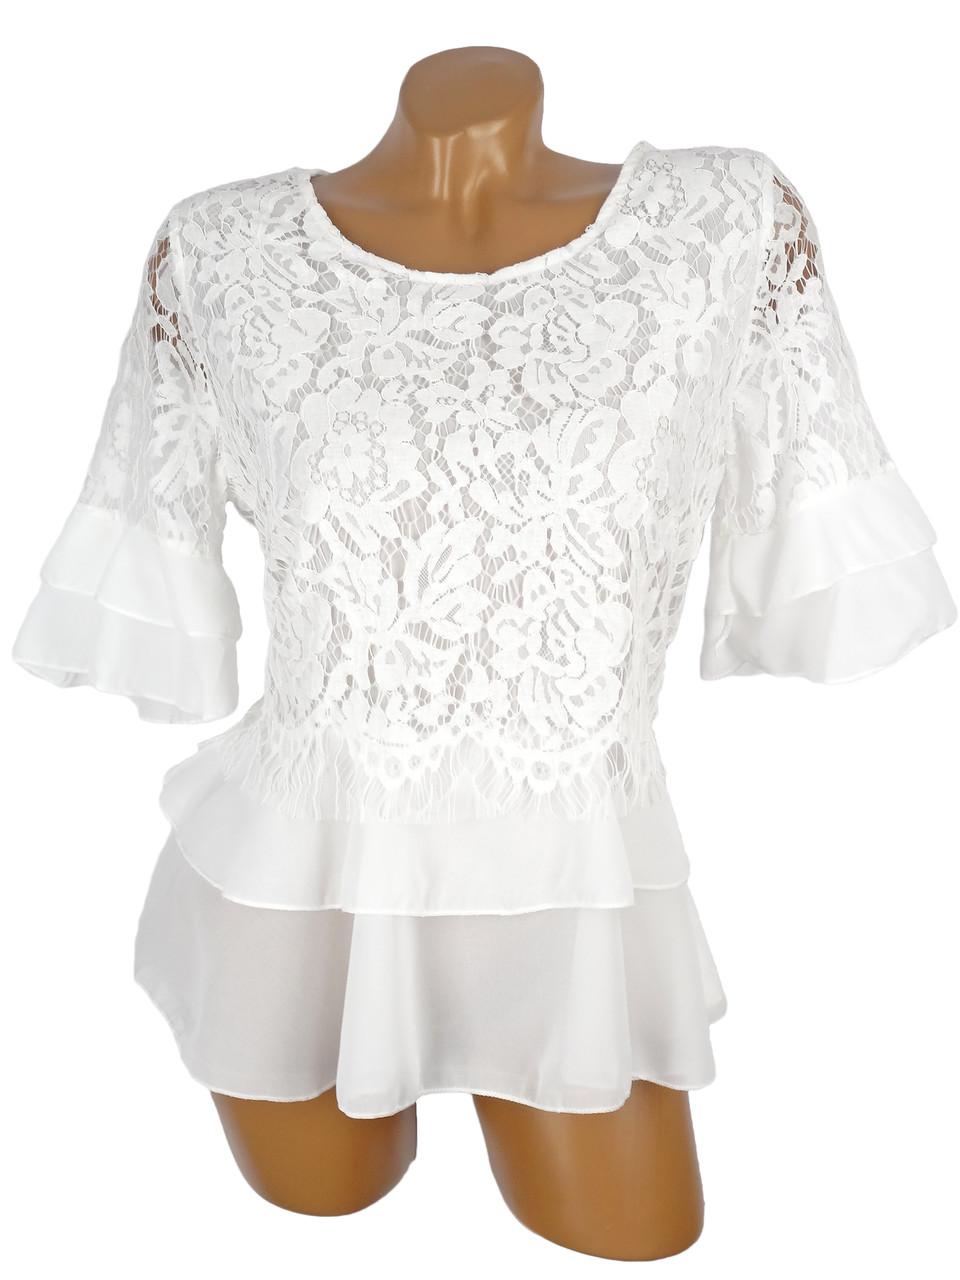 7059a9743b9 Нарядная блузка с гипюром 44-46 (в расцветках) - купить по лучшей ...